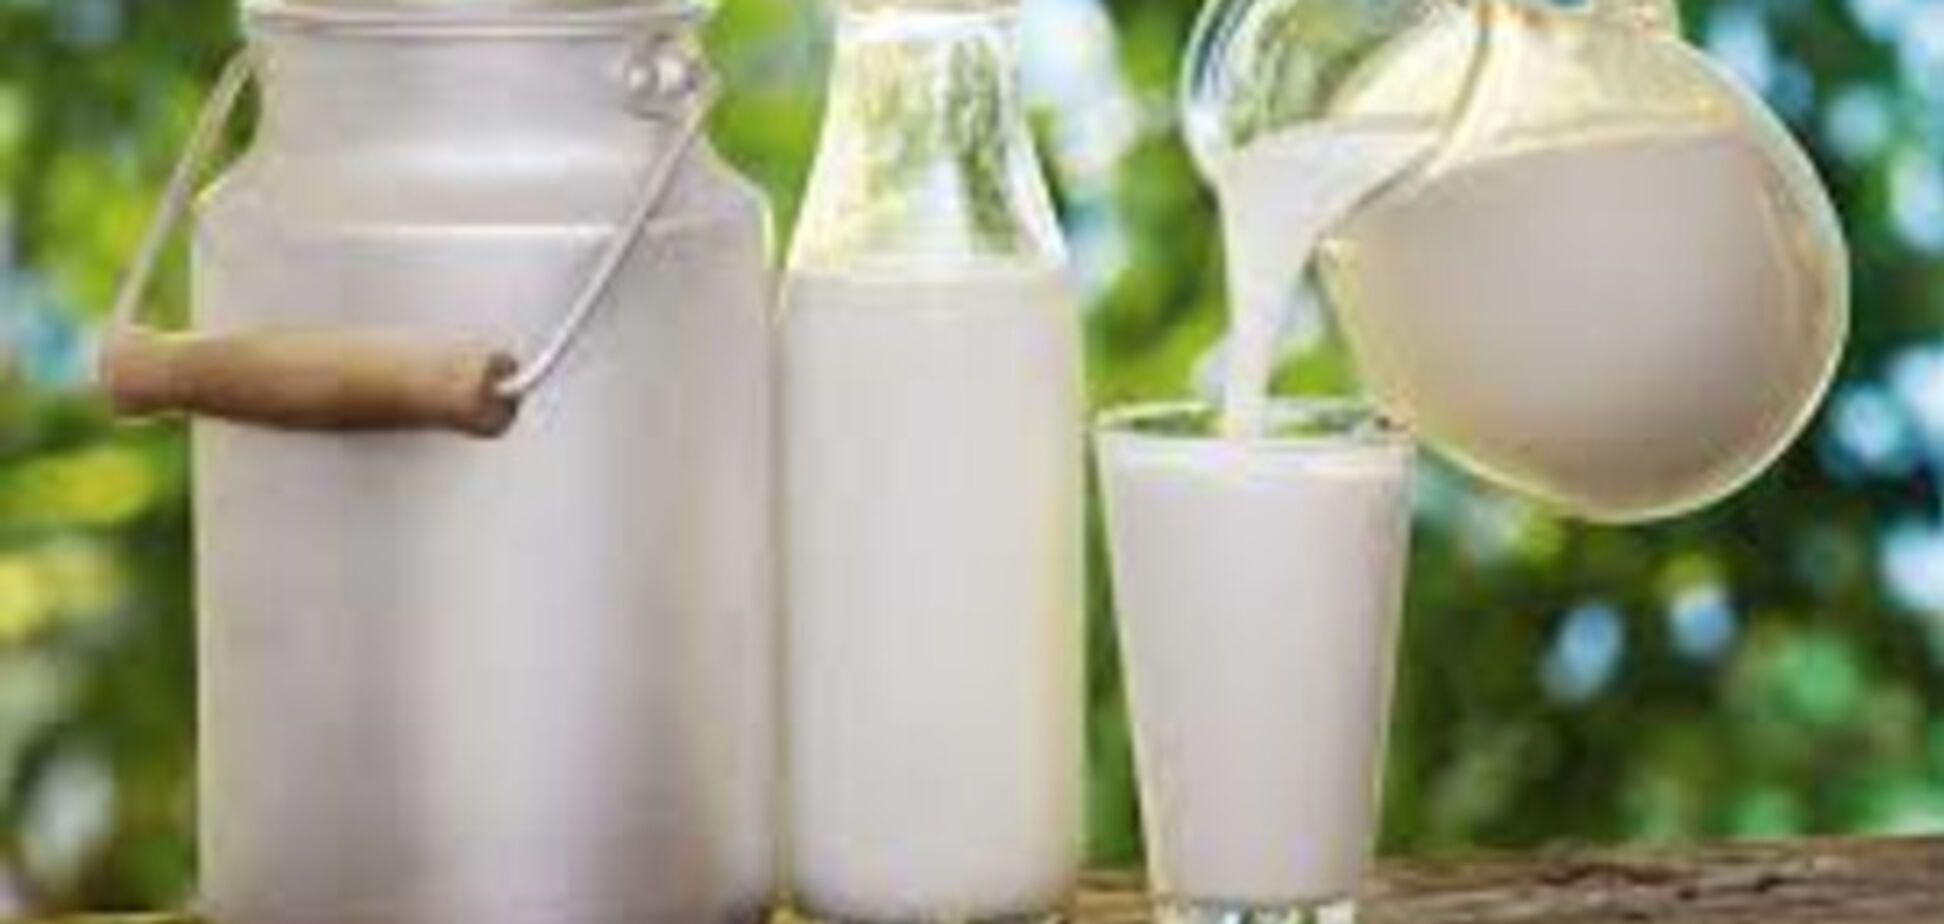 Пейте домашнее молоко, пока его не запретили